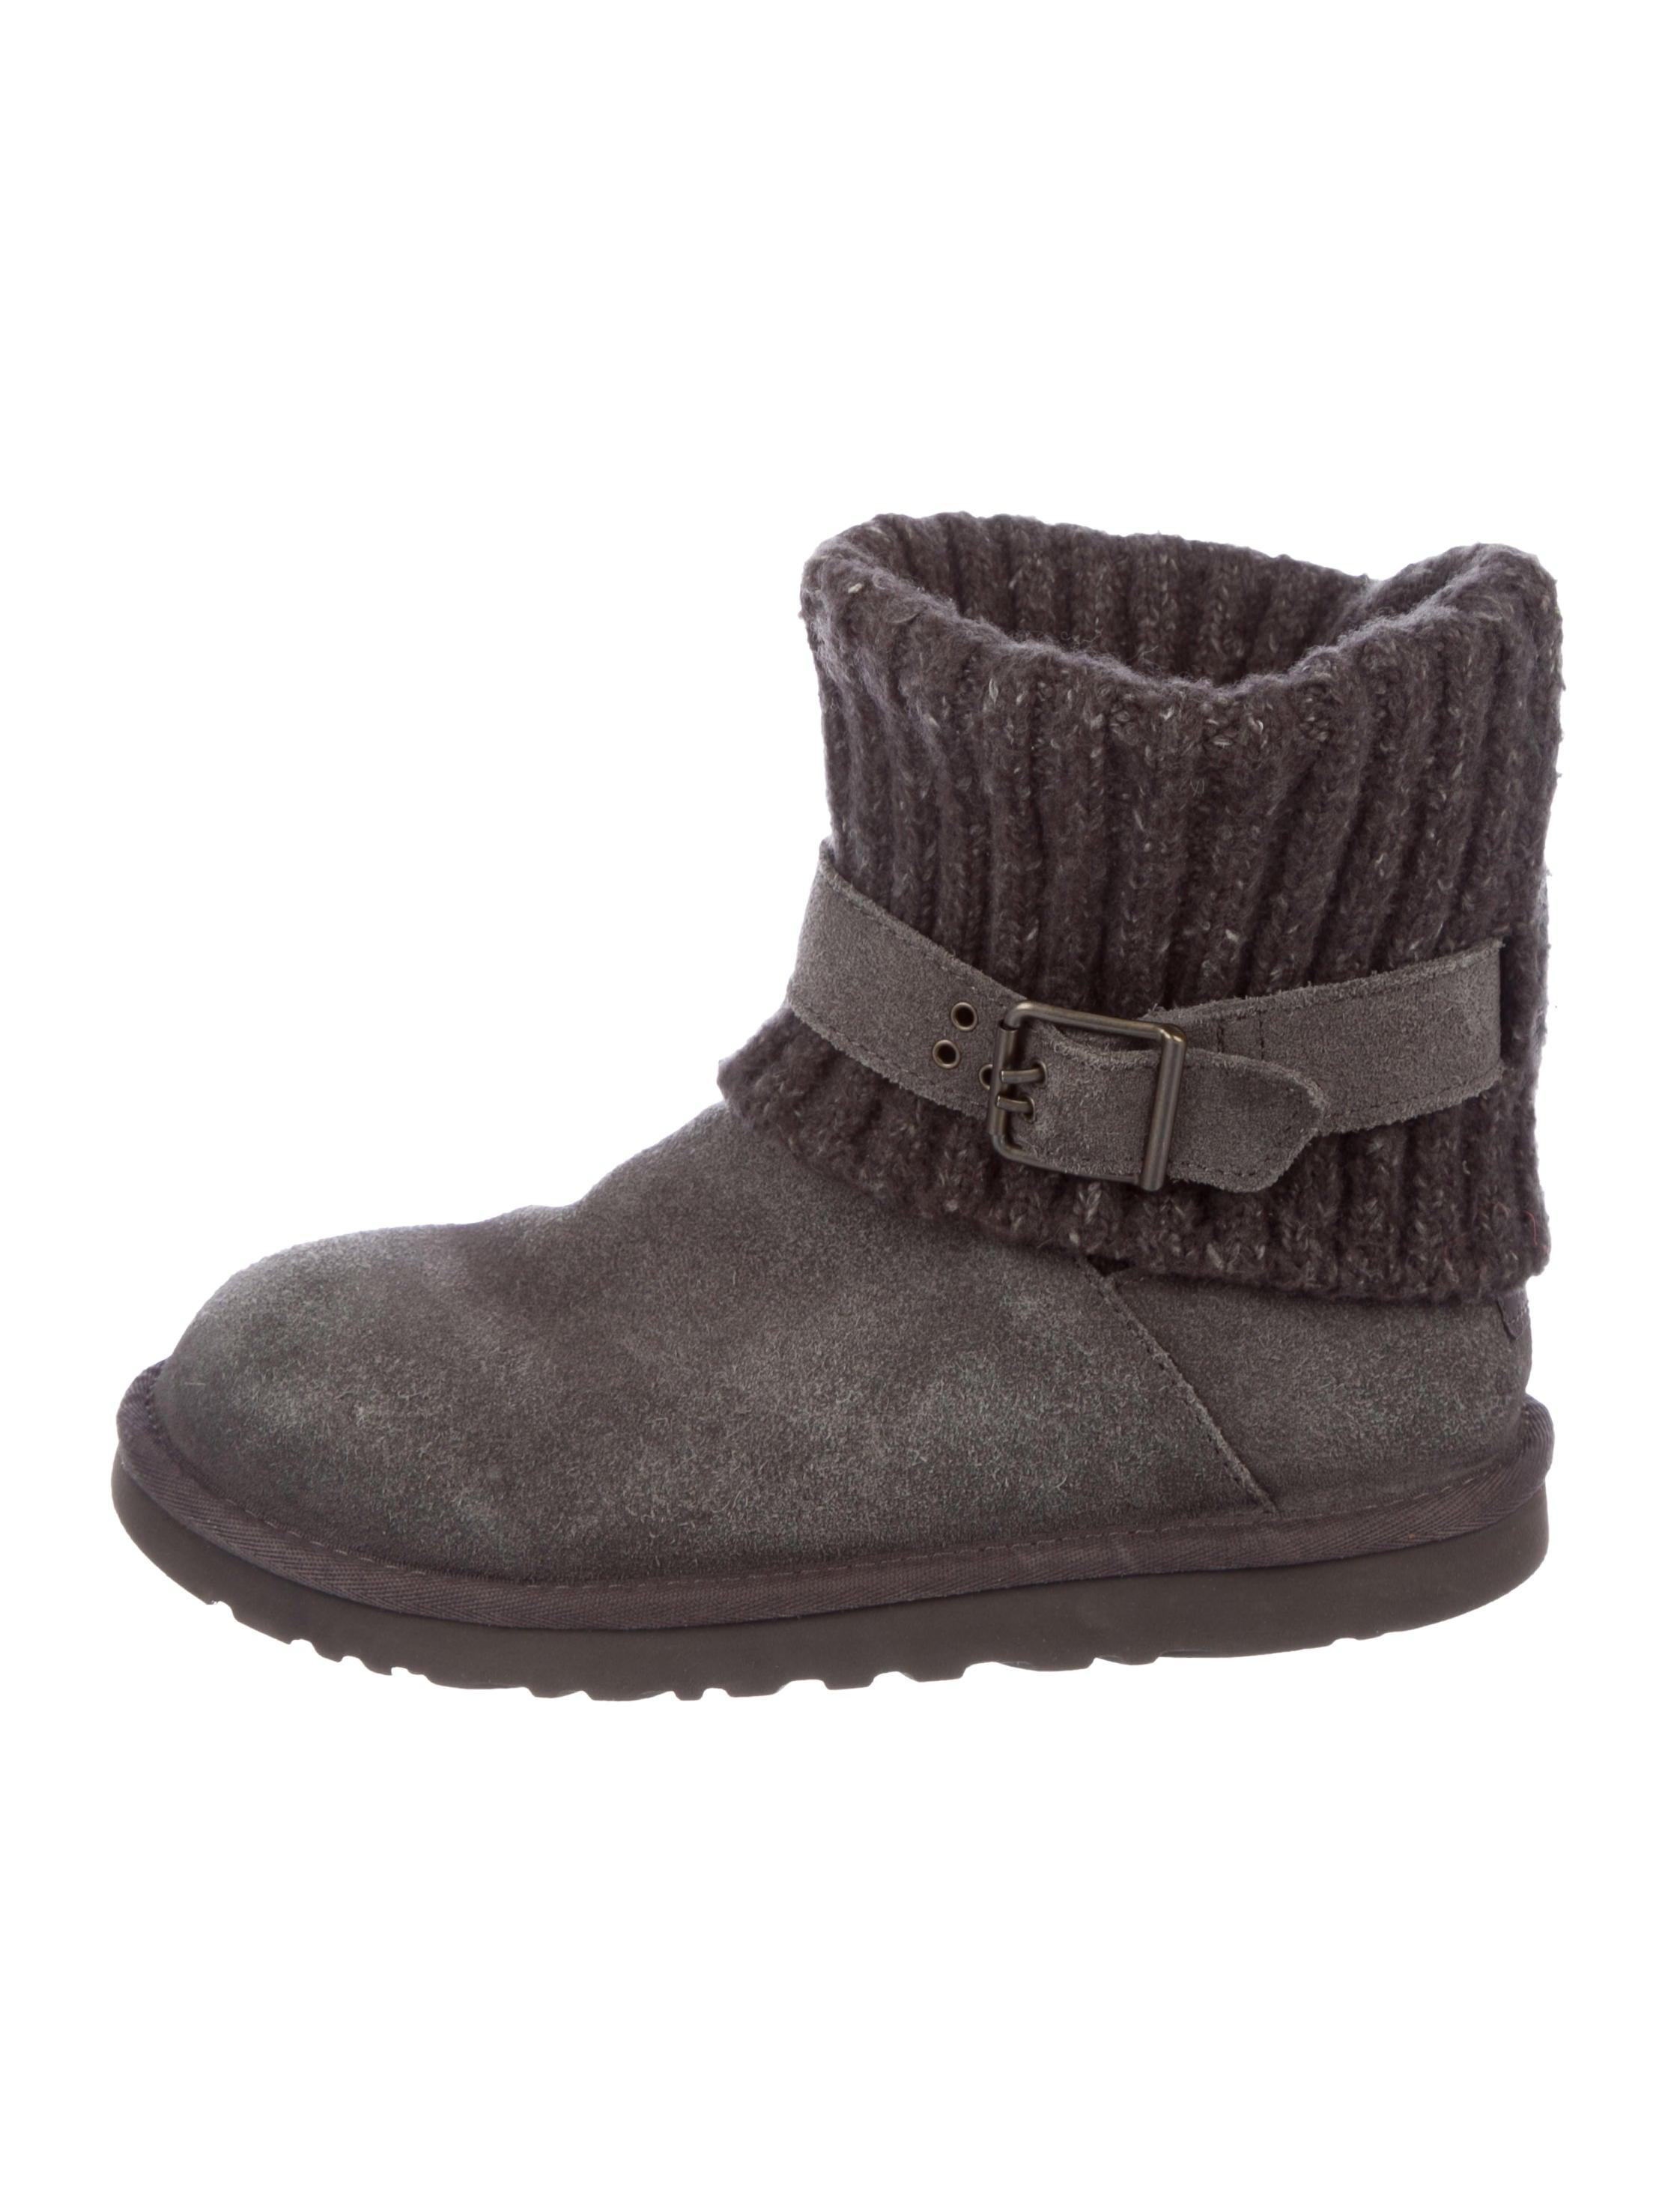 UGG Australia Knit Suede-Trimmed Boots order sale online LjM6lKZ3Ch